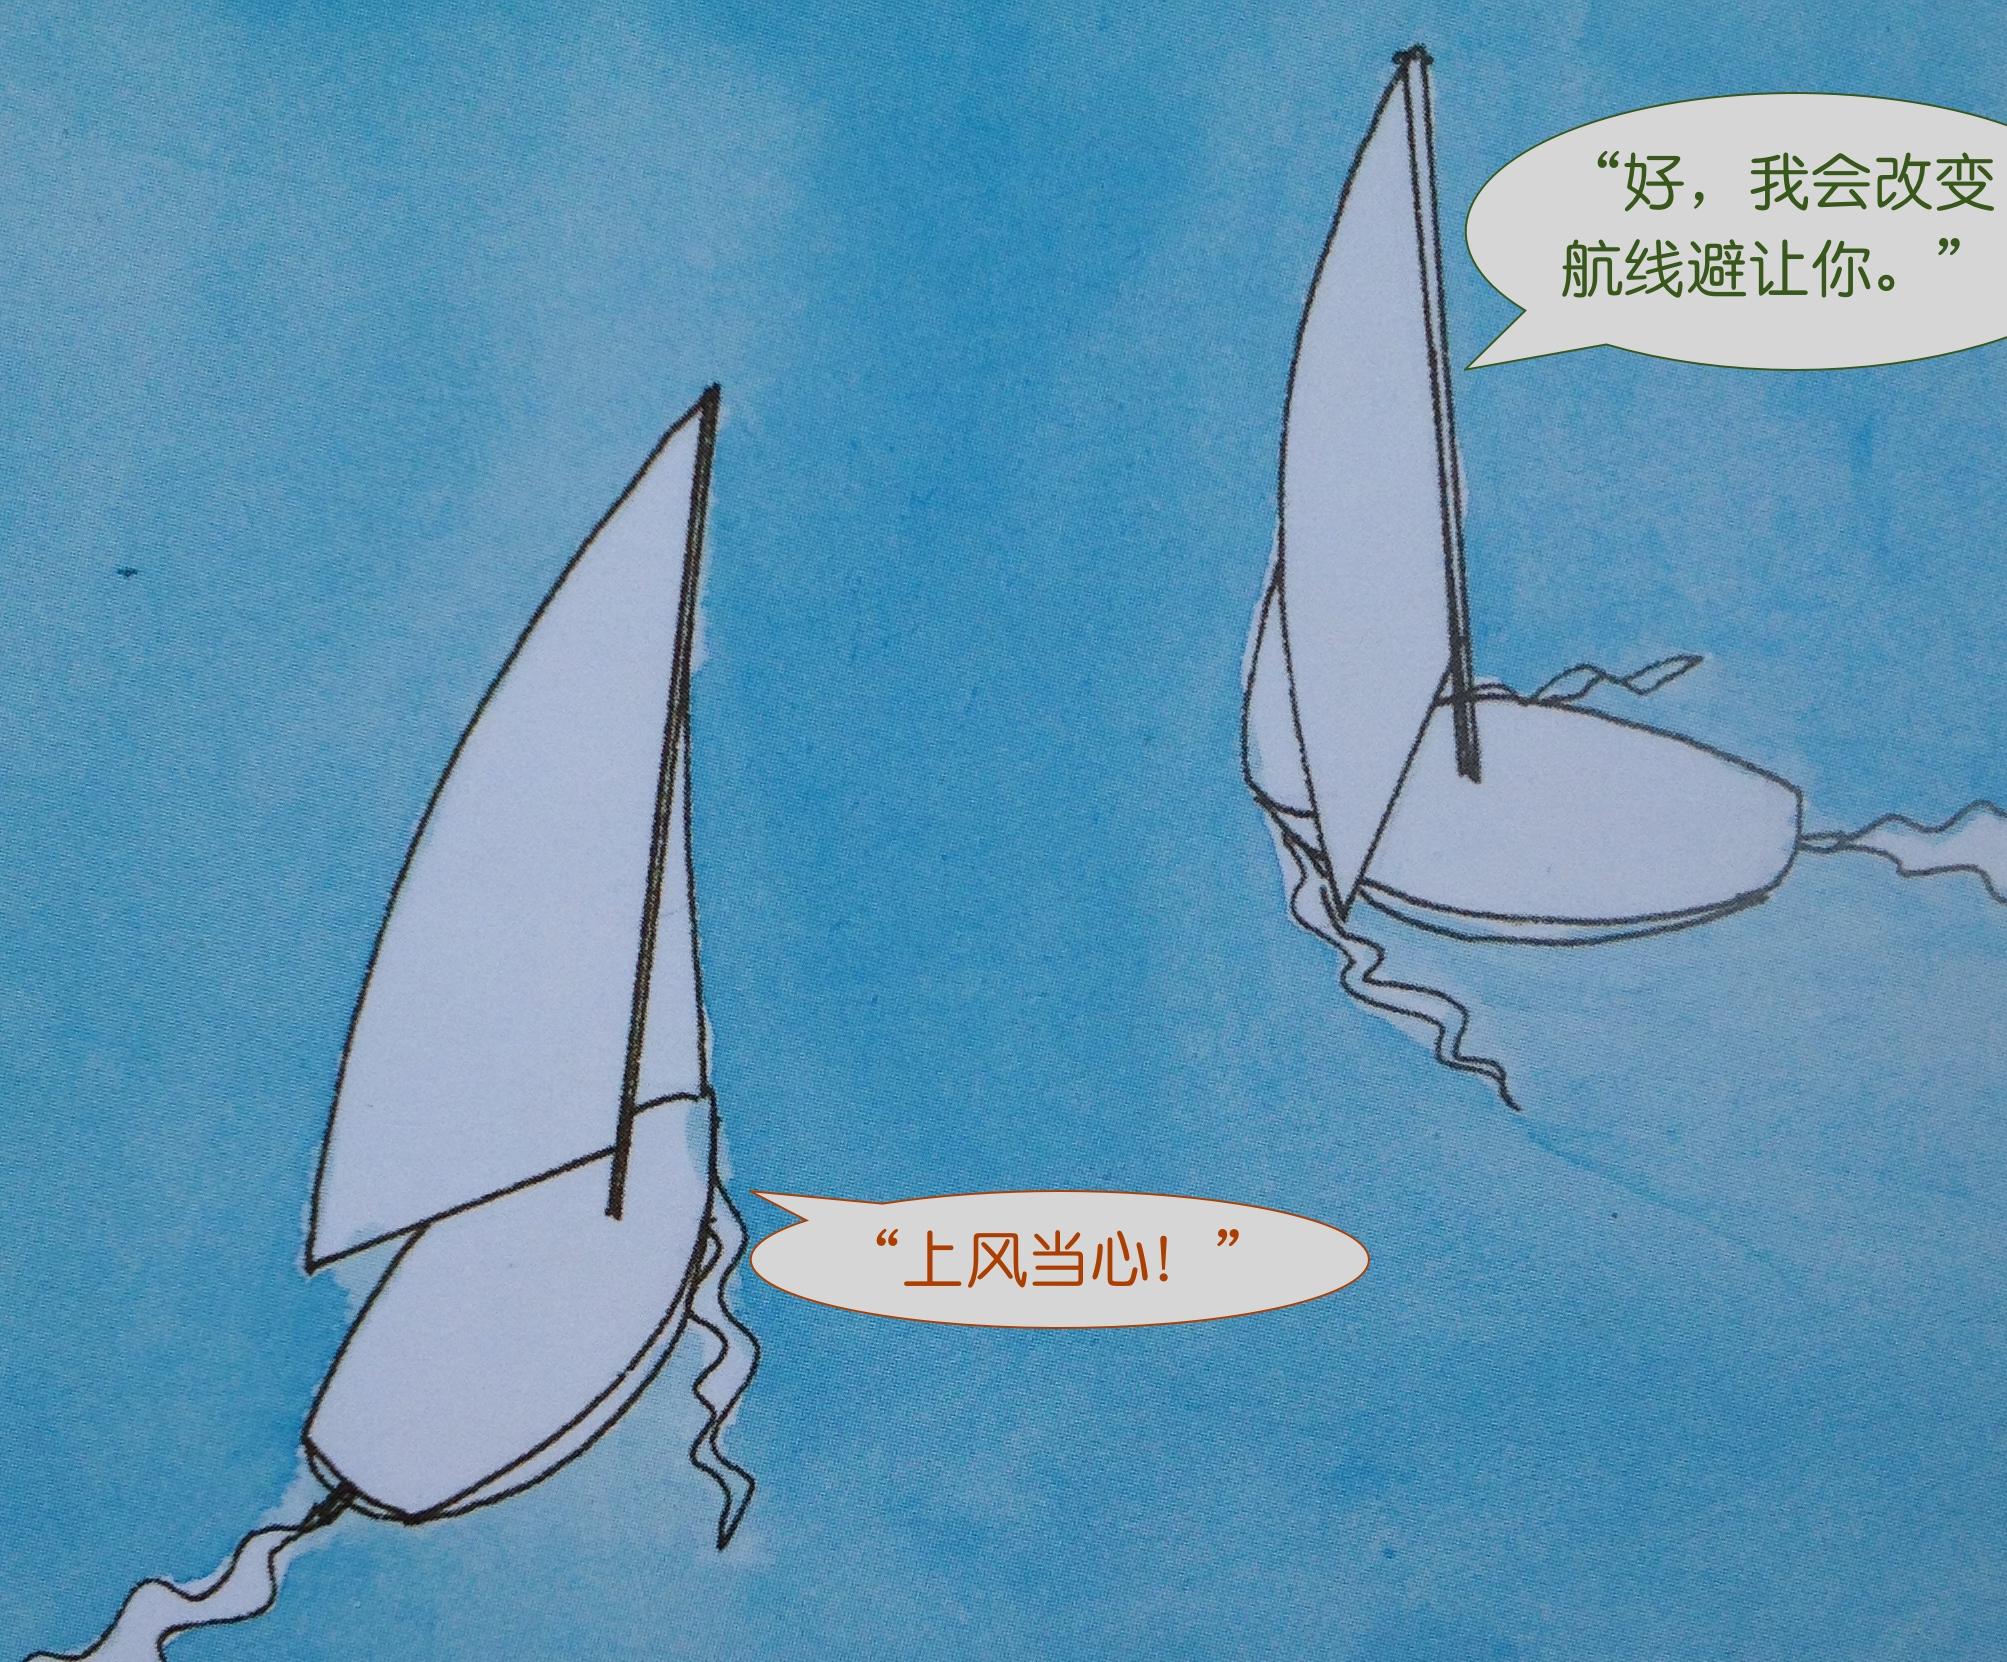 上风 当两条船同舷风并相联时,上风船要避让下风船。 25b.jpg